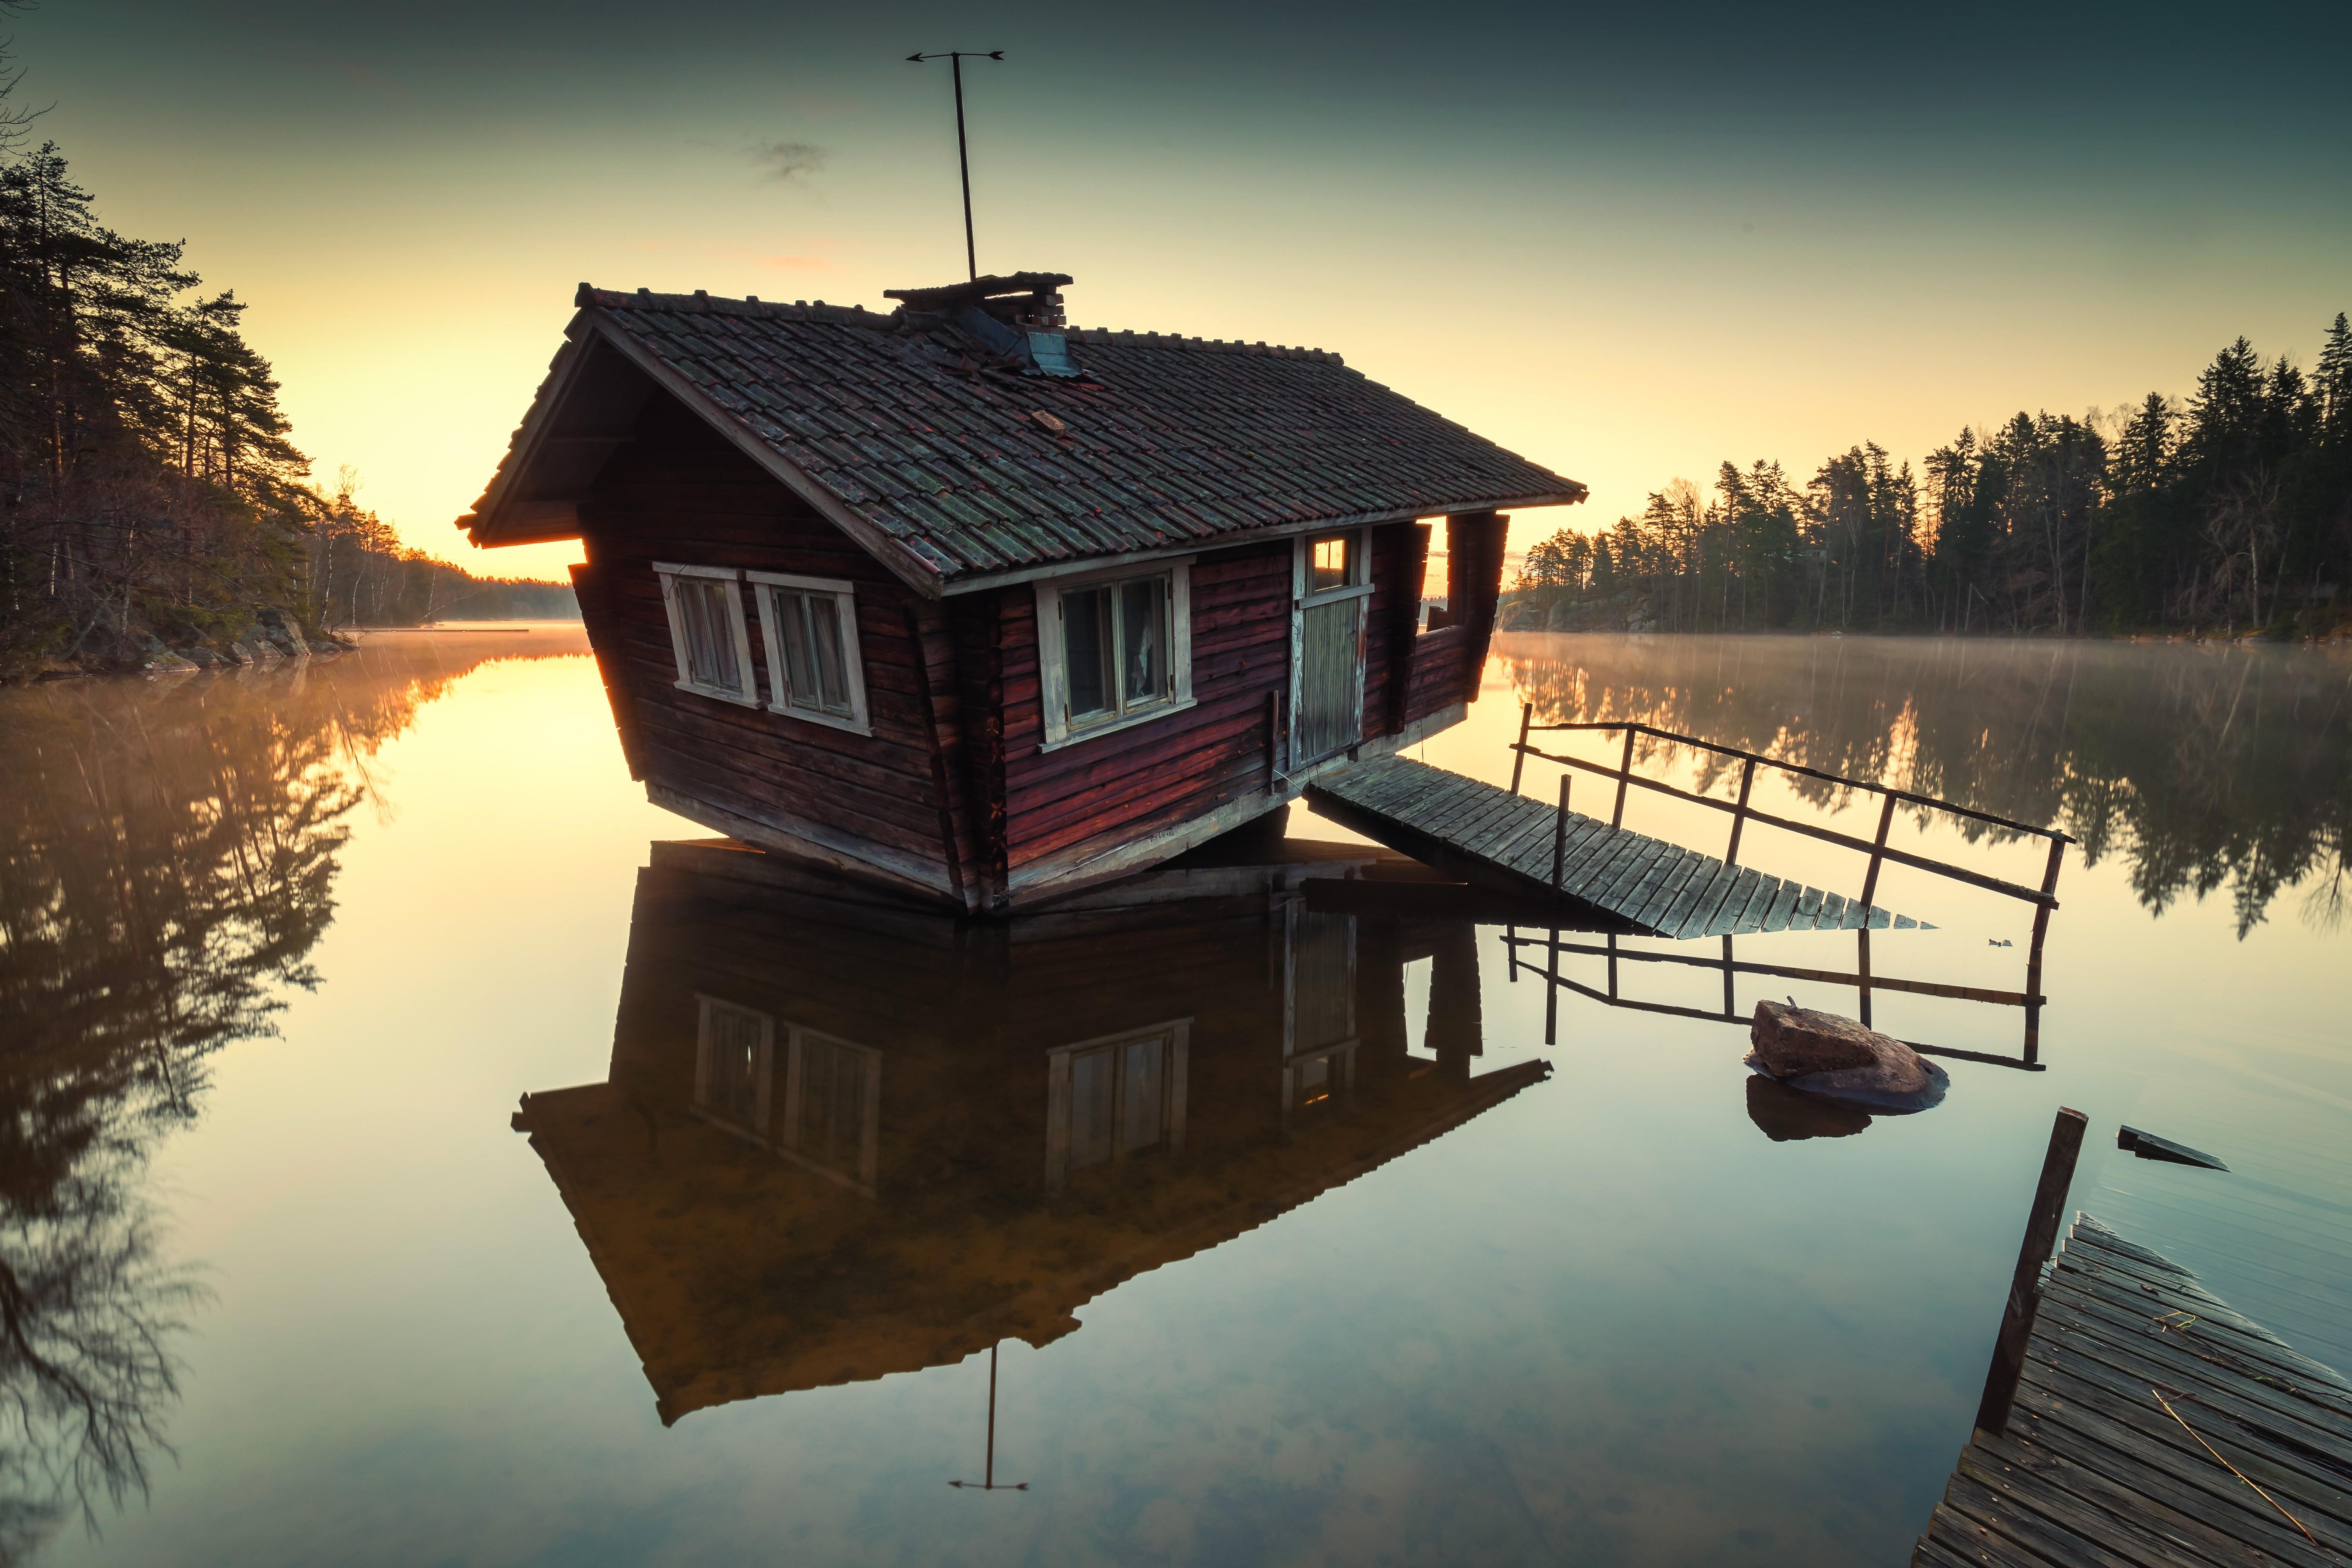 нужен этот фотографии домик у реки темный